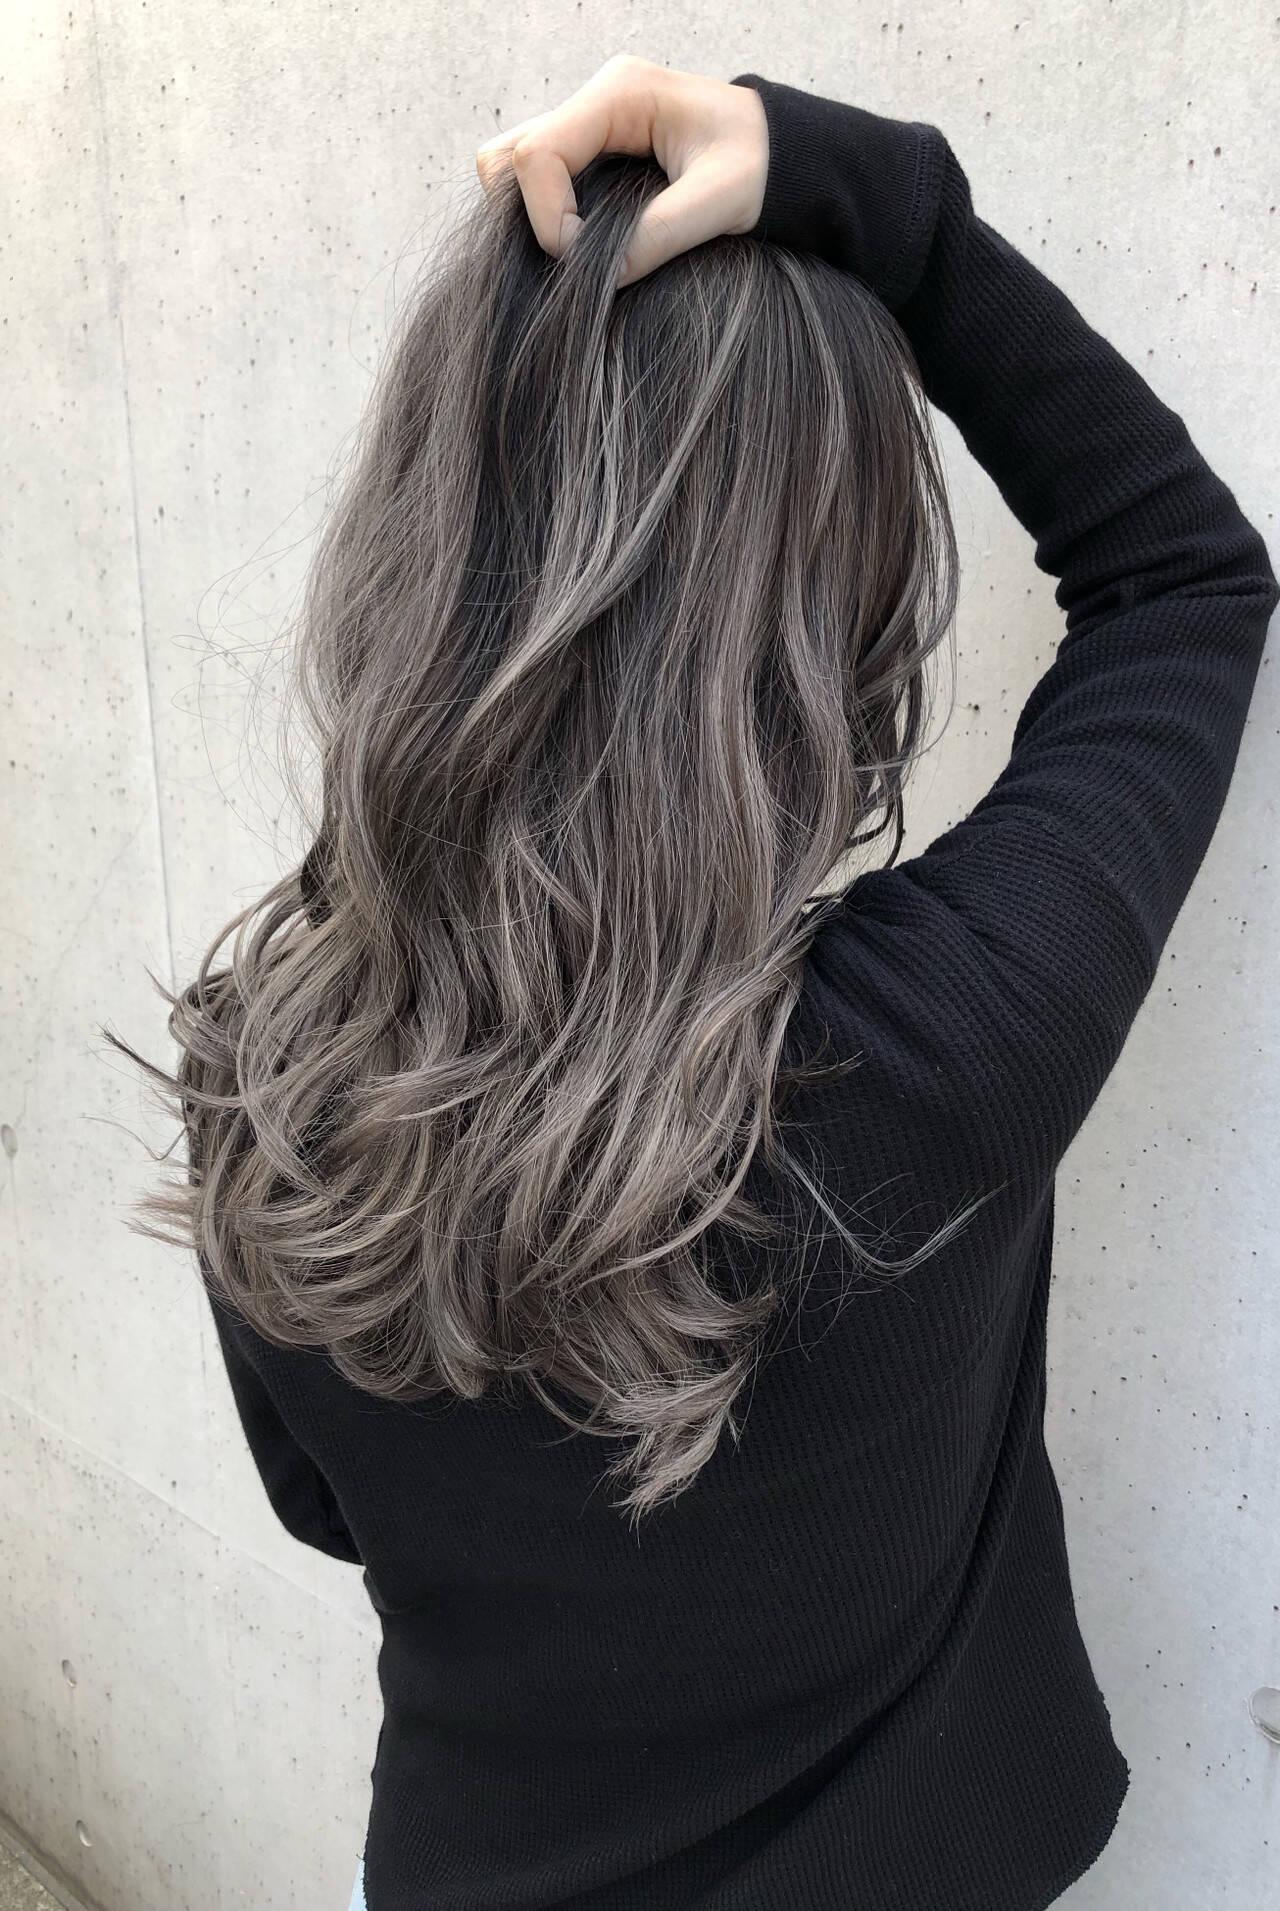 セミロング バレイヤージュ グレージュ 3Dハイライトヘアスタイルや髪型の写真・画像